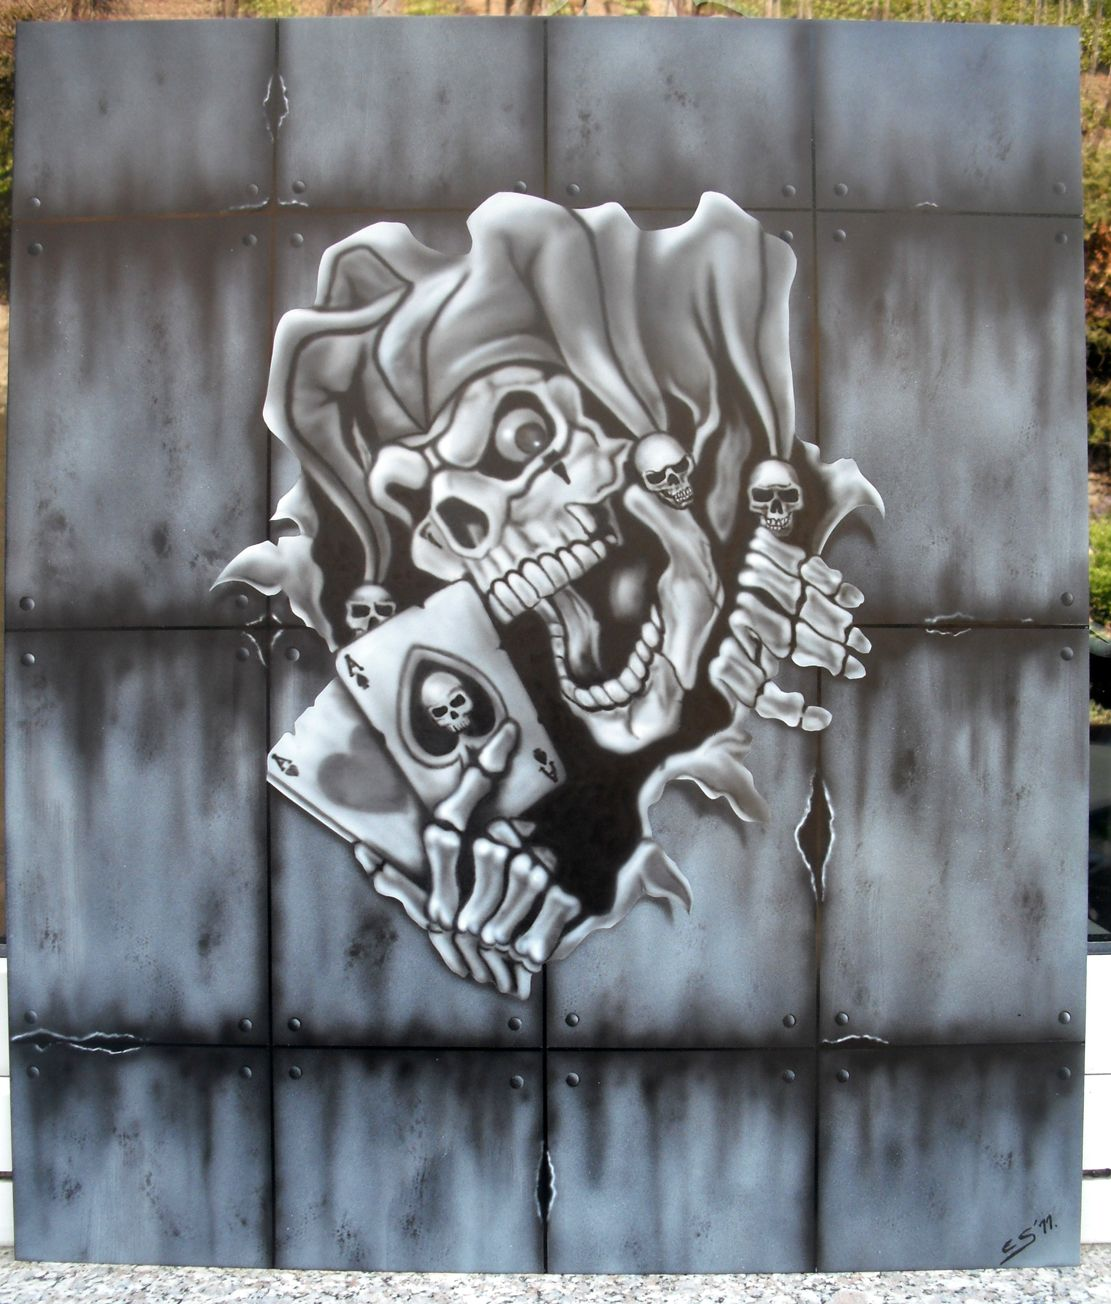 Jester skull mural airbrushing pinterest jester for Airbrush mural painting